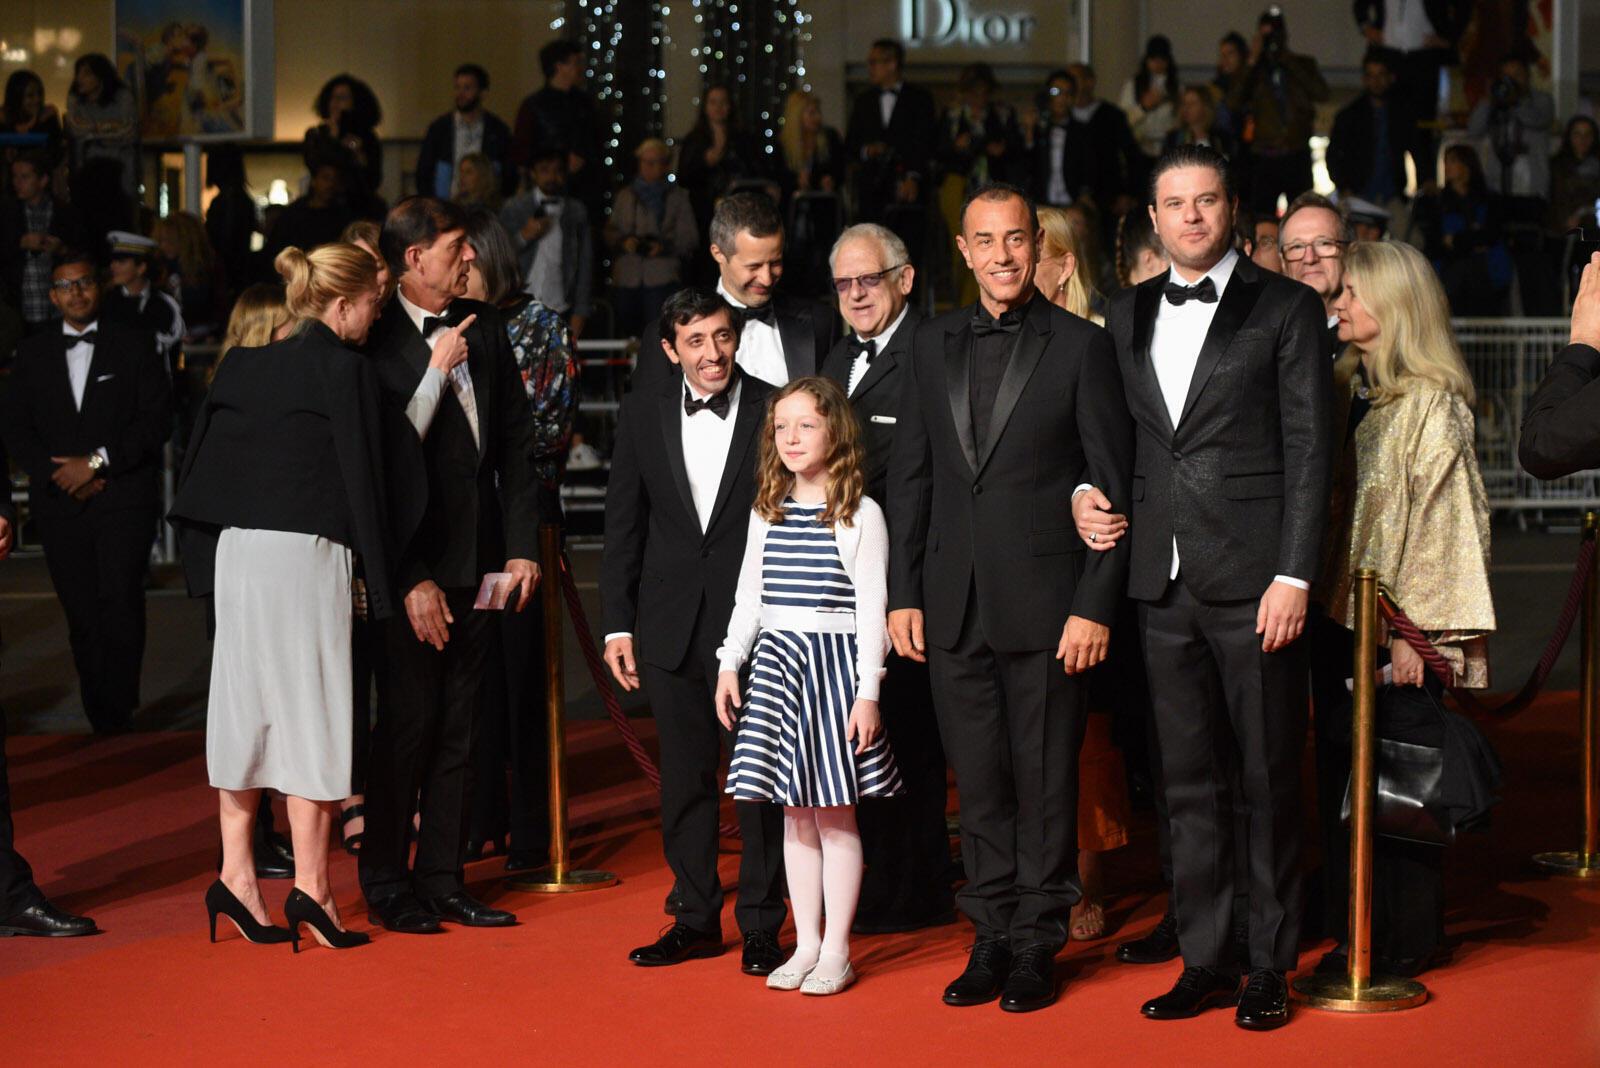 El director italiano Matteo Garrone se prepara para subir los escalones con sus actores antes de la proyección de su película 'Dogman'.